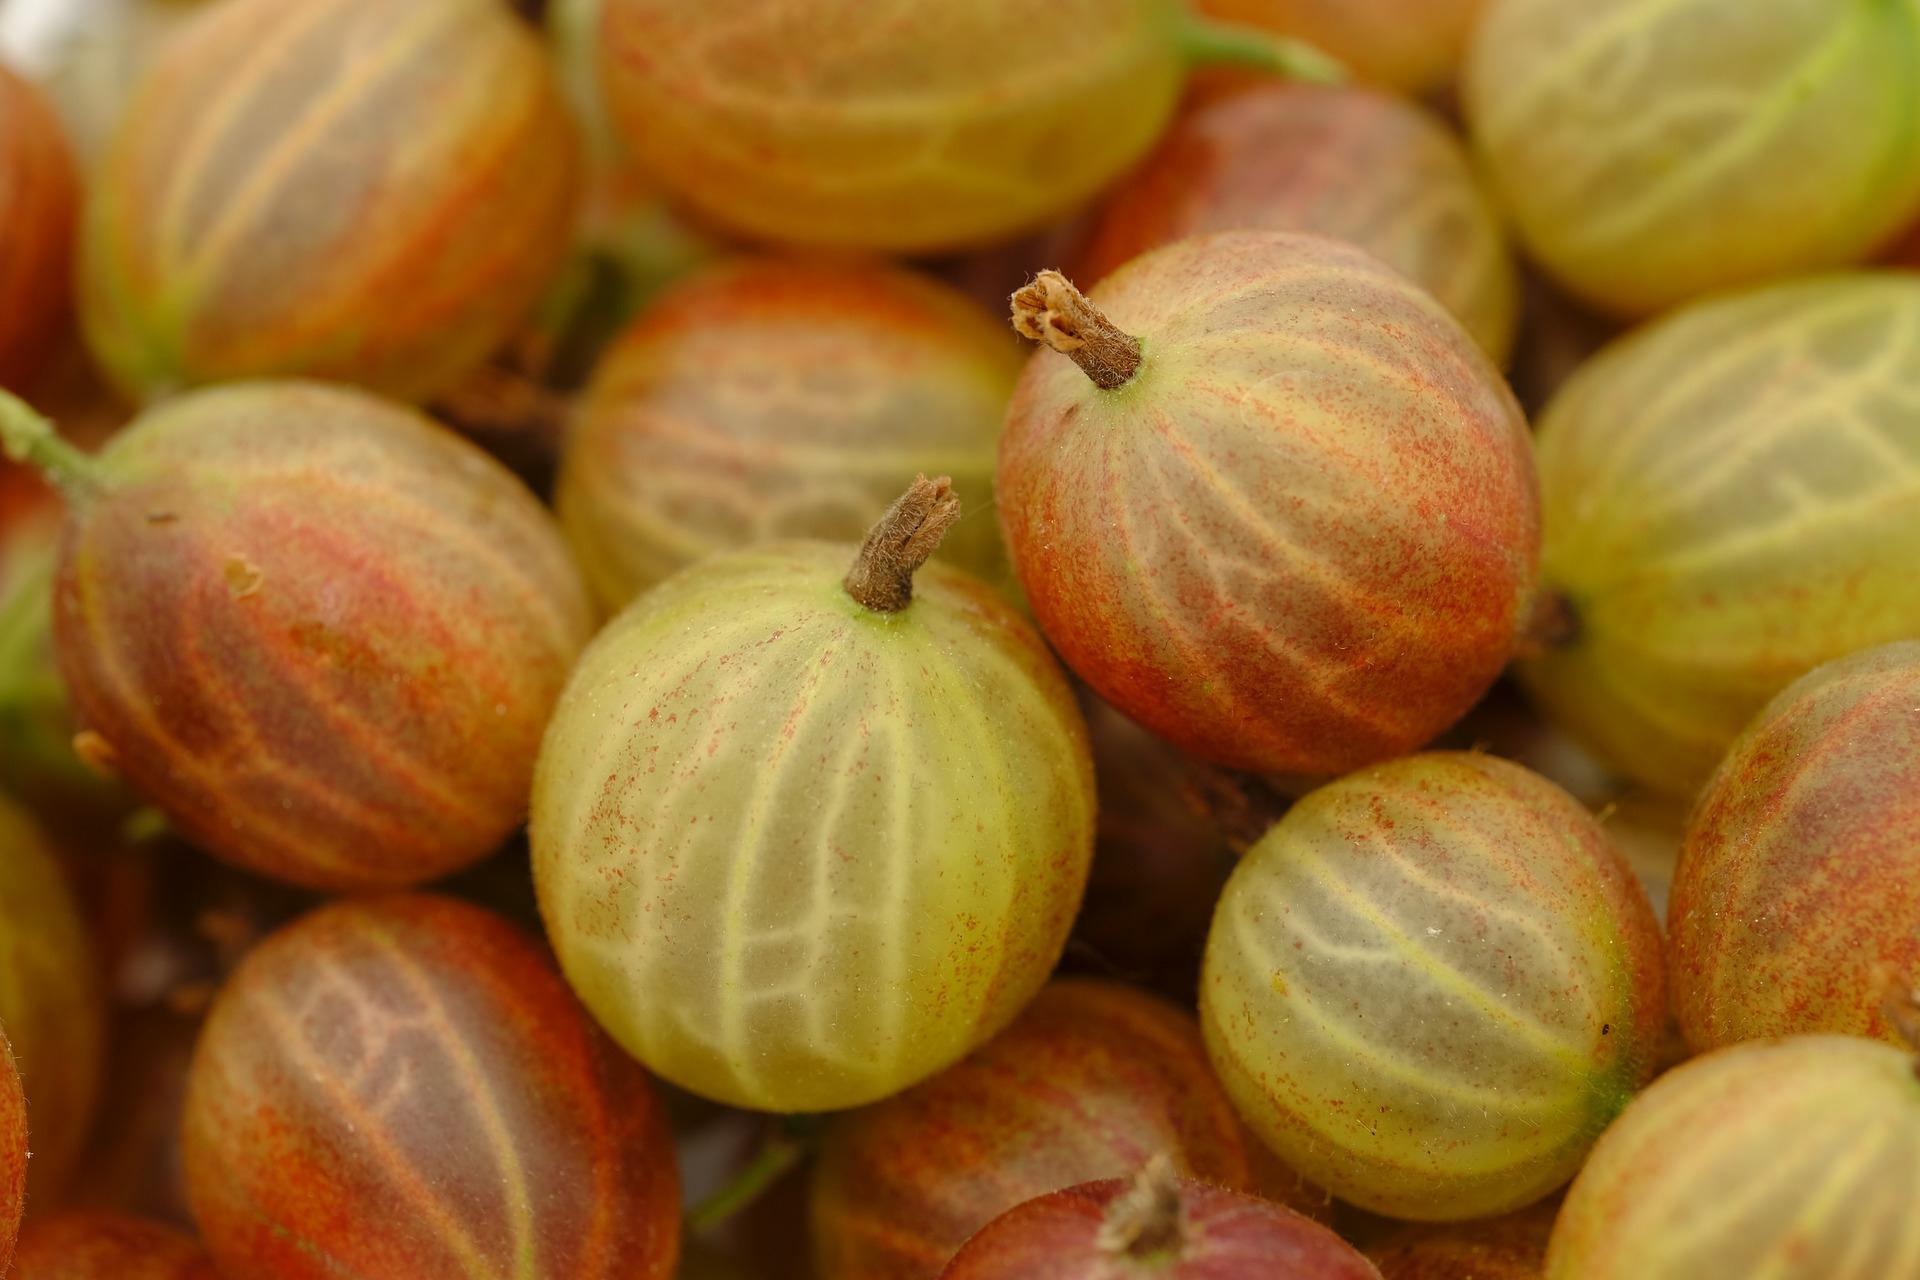 Stachelbeeren / Gooseberries